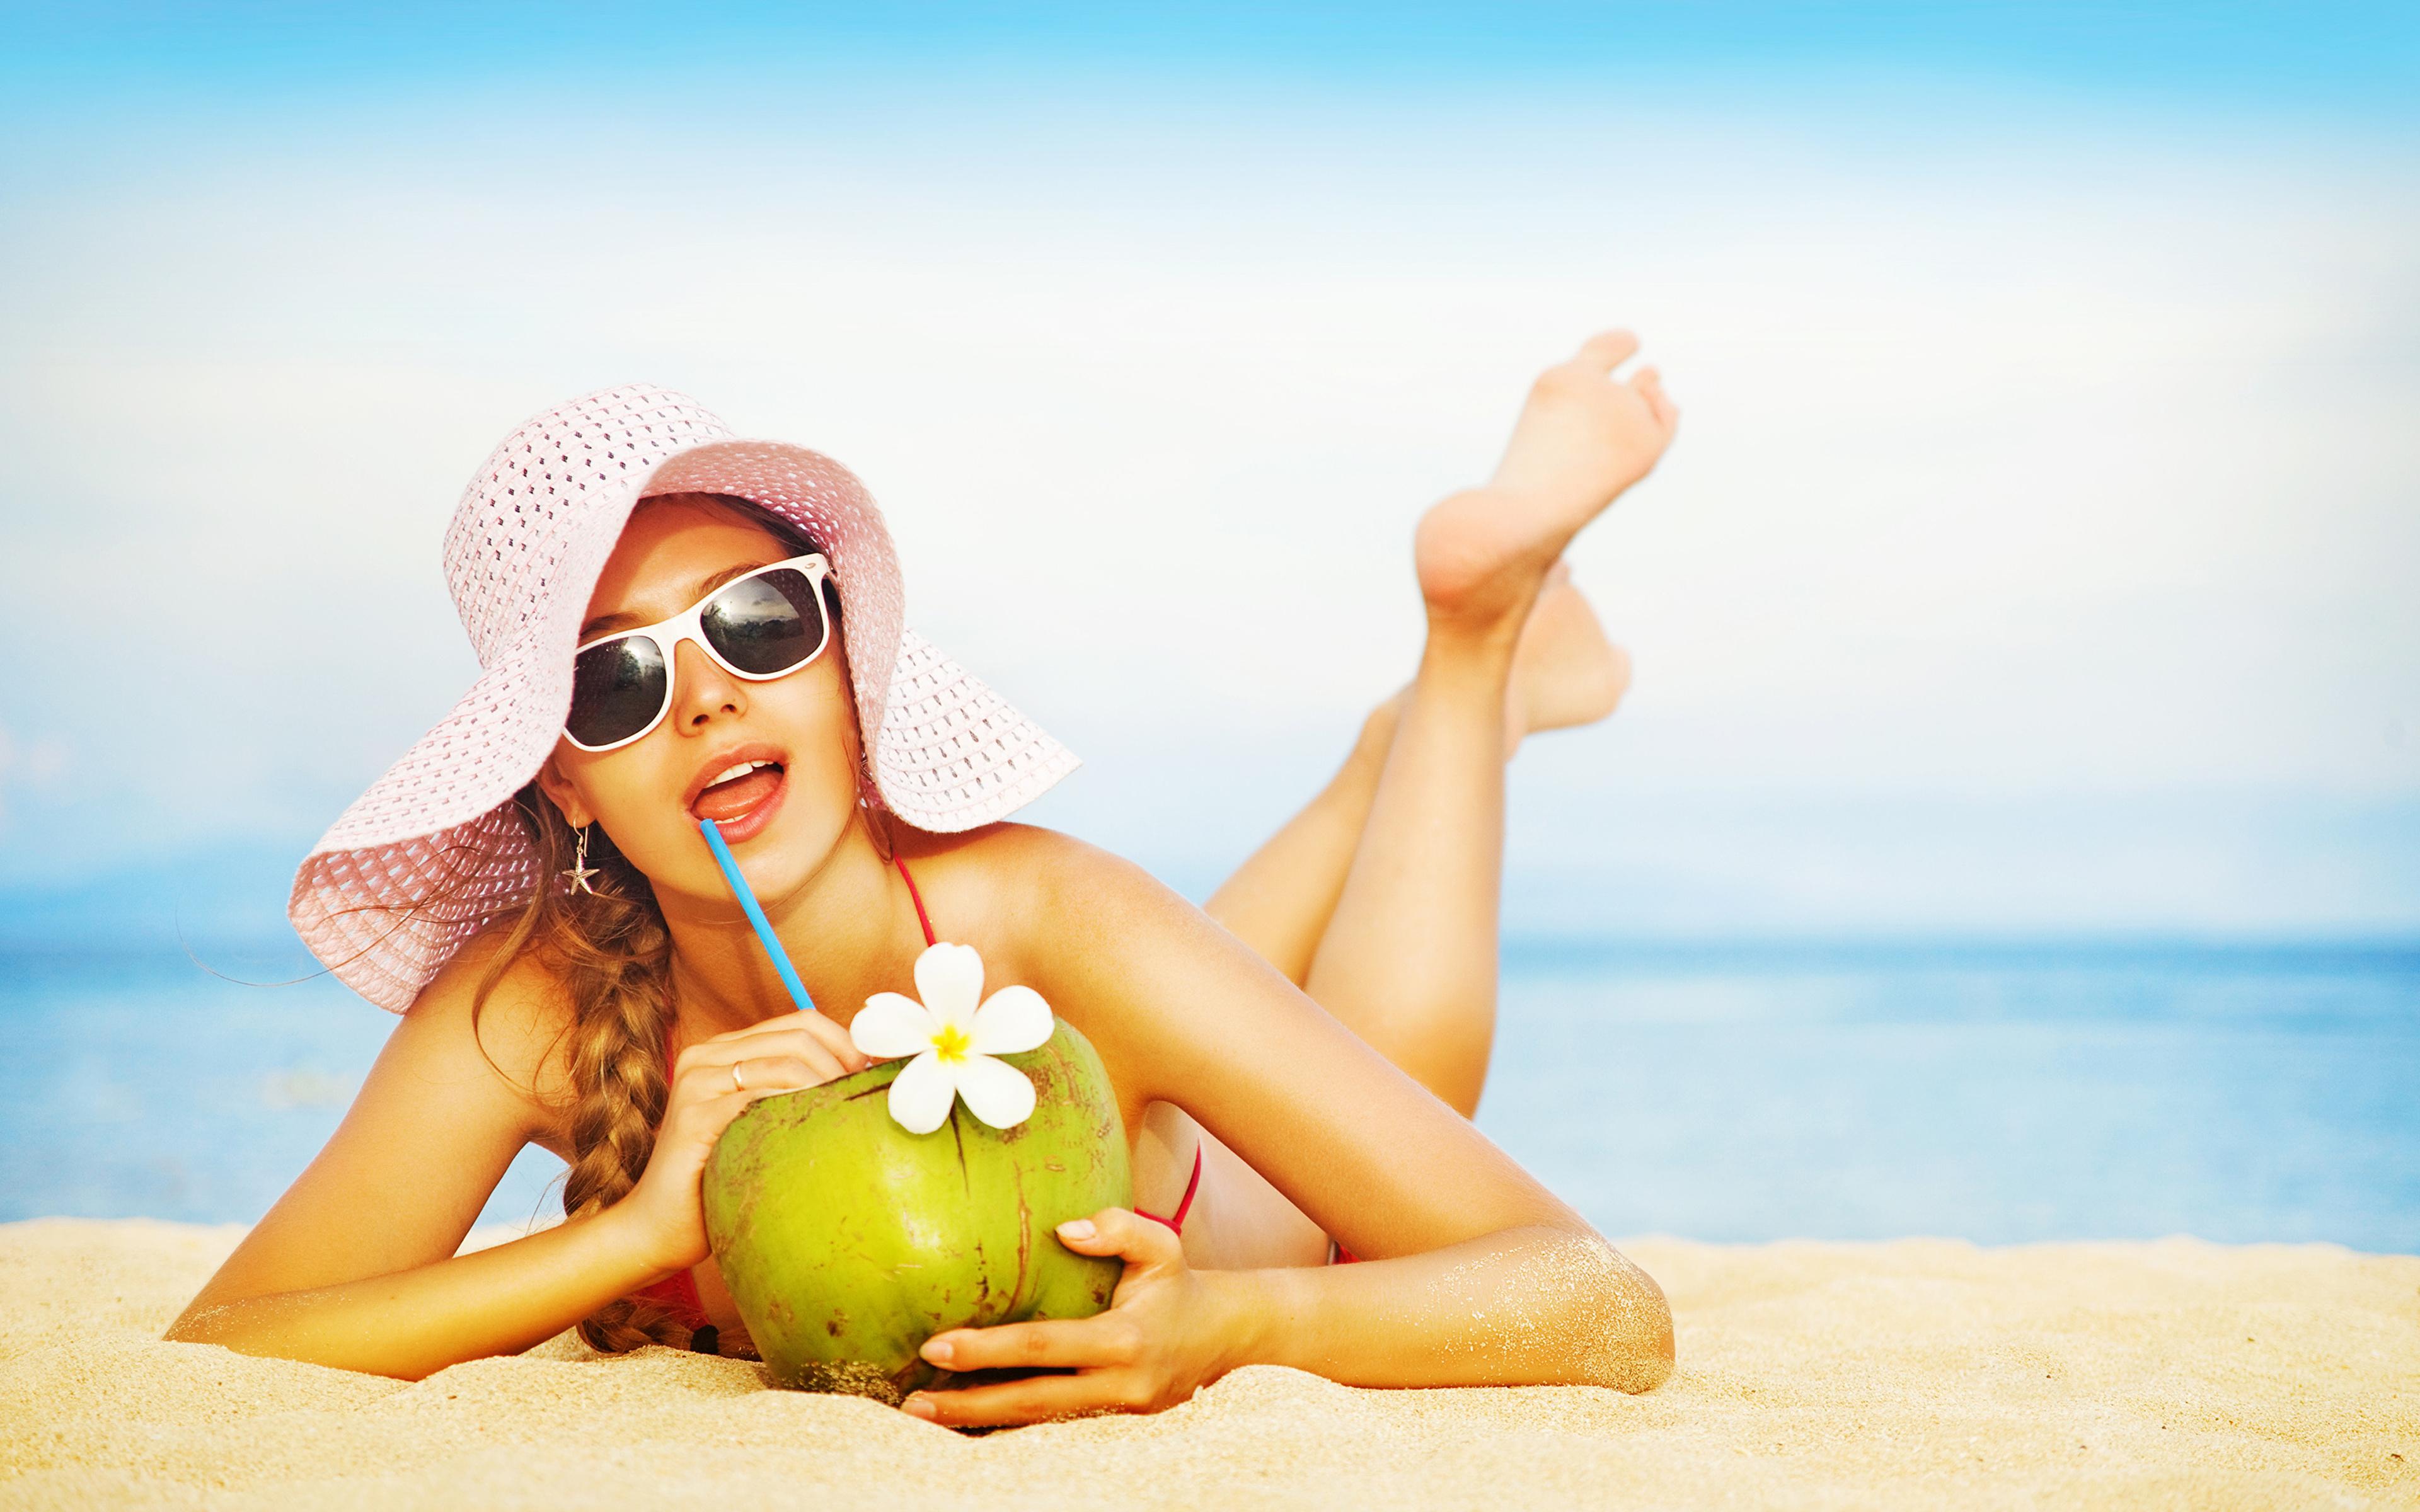 Картинка молодые женщины пляже Сок Шляпа релакс Очки 3840x2400